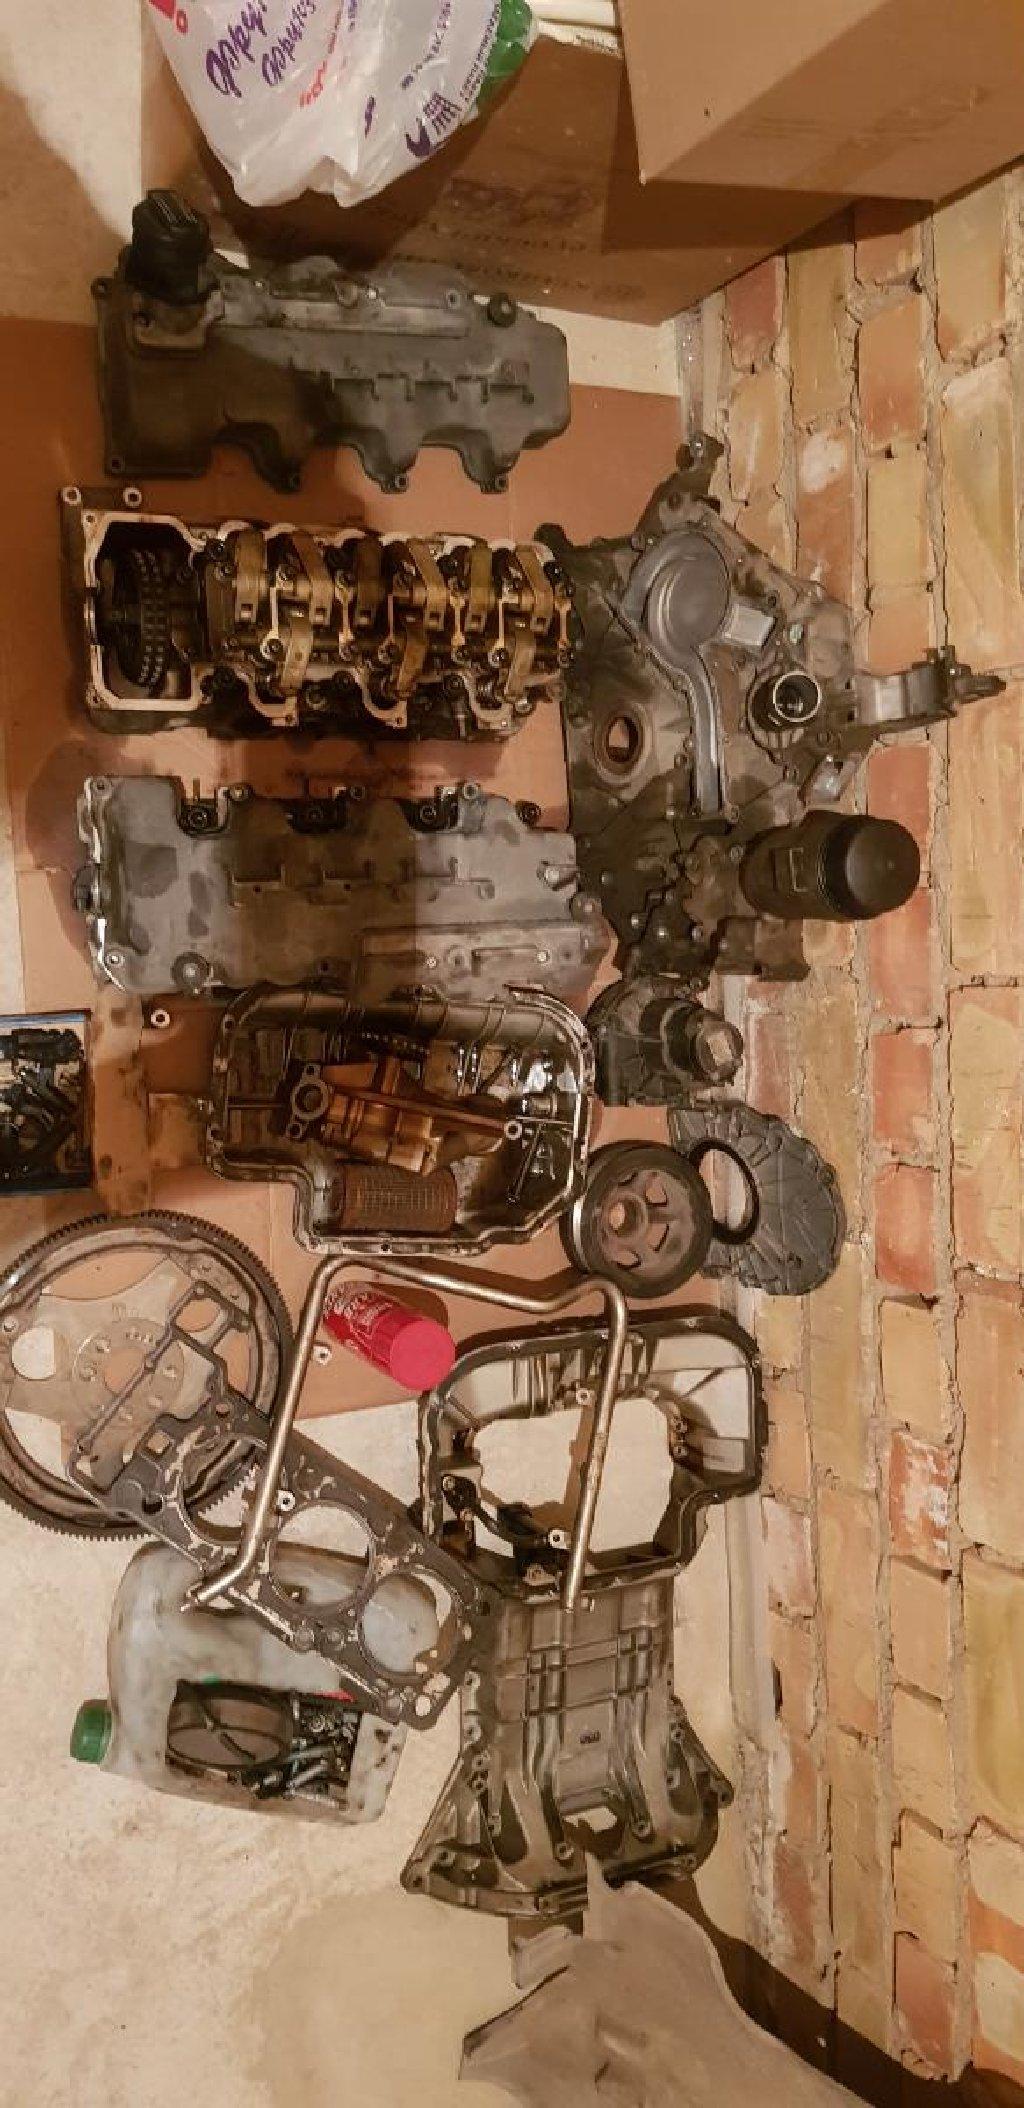 W211 eпродаю мотор по детально  все что на фото все в наличи головкис постелью,клапана,маховик,шкив,лабовина,фарсунки,форсуночная рейка,датчик коленвала,датчик распредвала,картерный отсоч все оригинальн немецское с маленьким пробегом